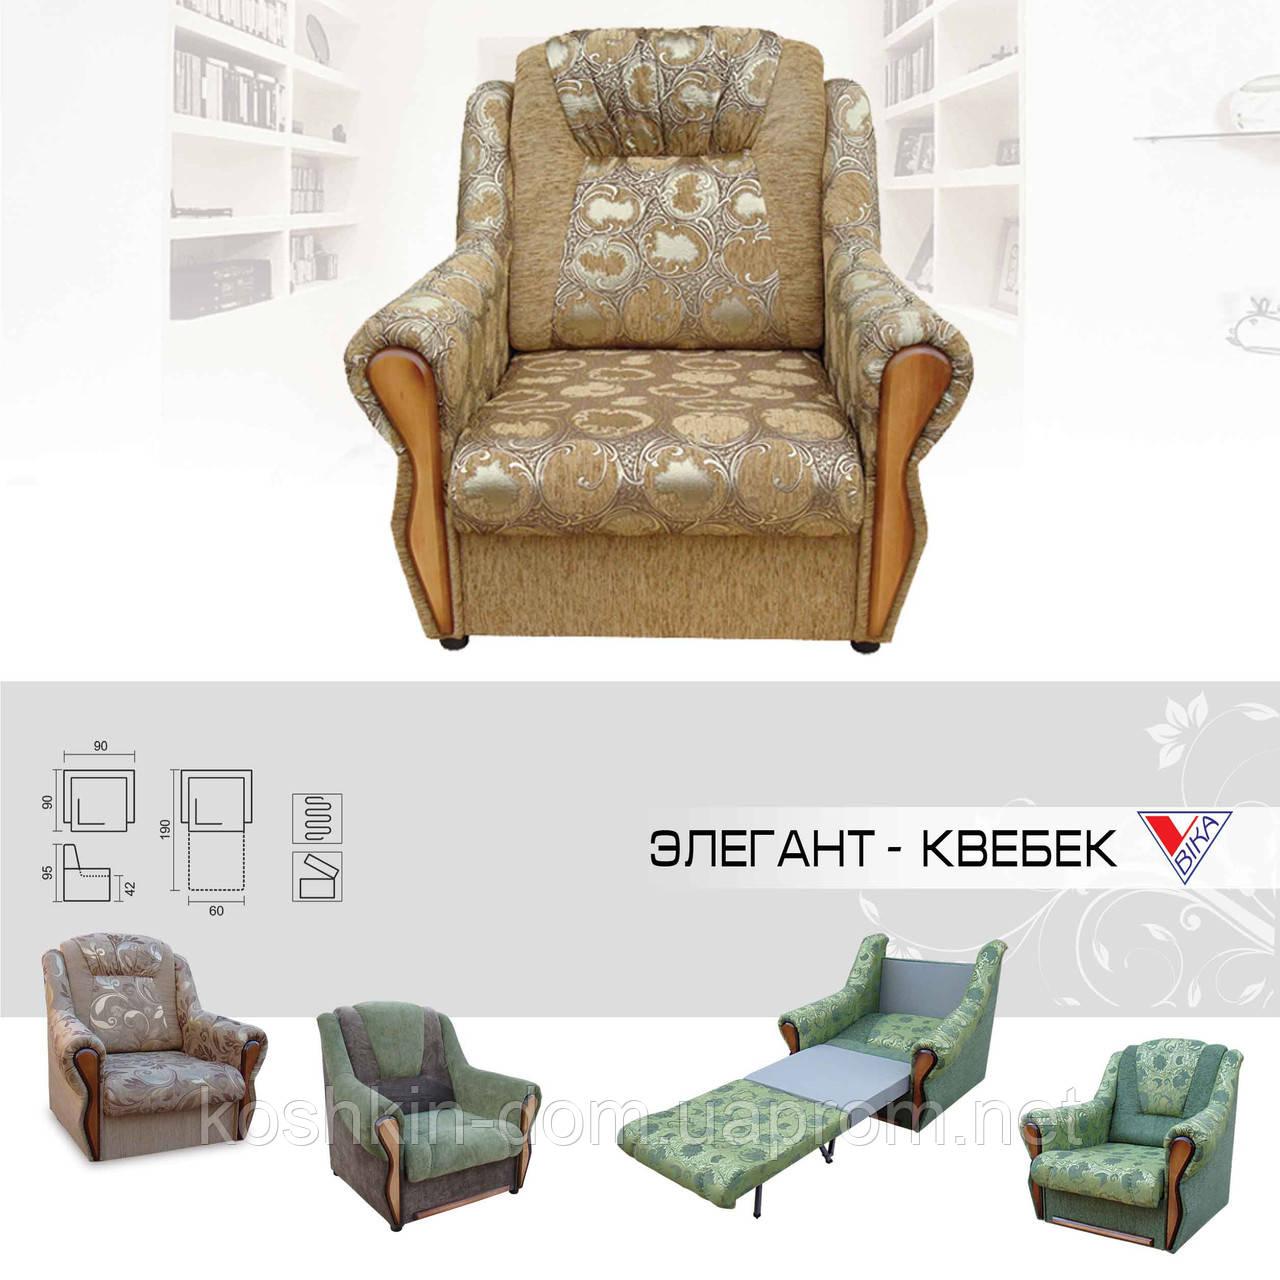 Кресло-кровать Элегант алеко